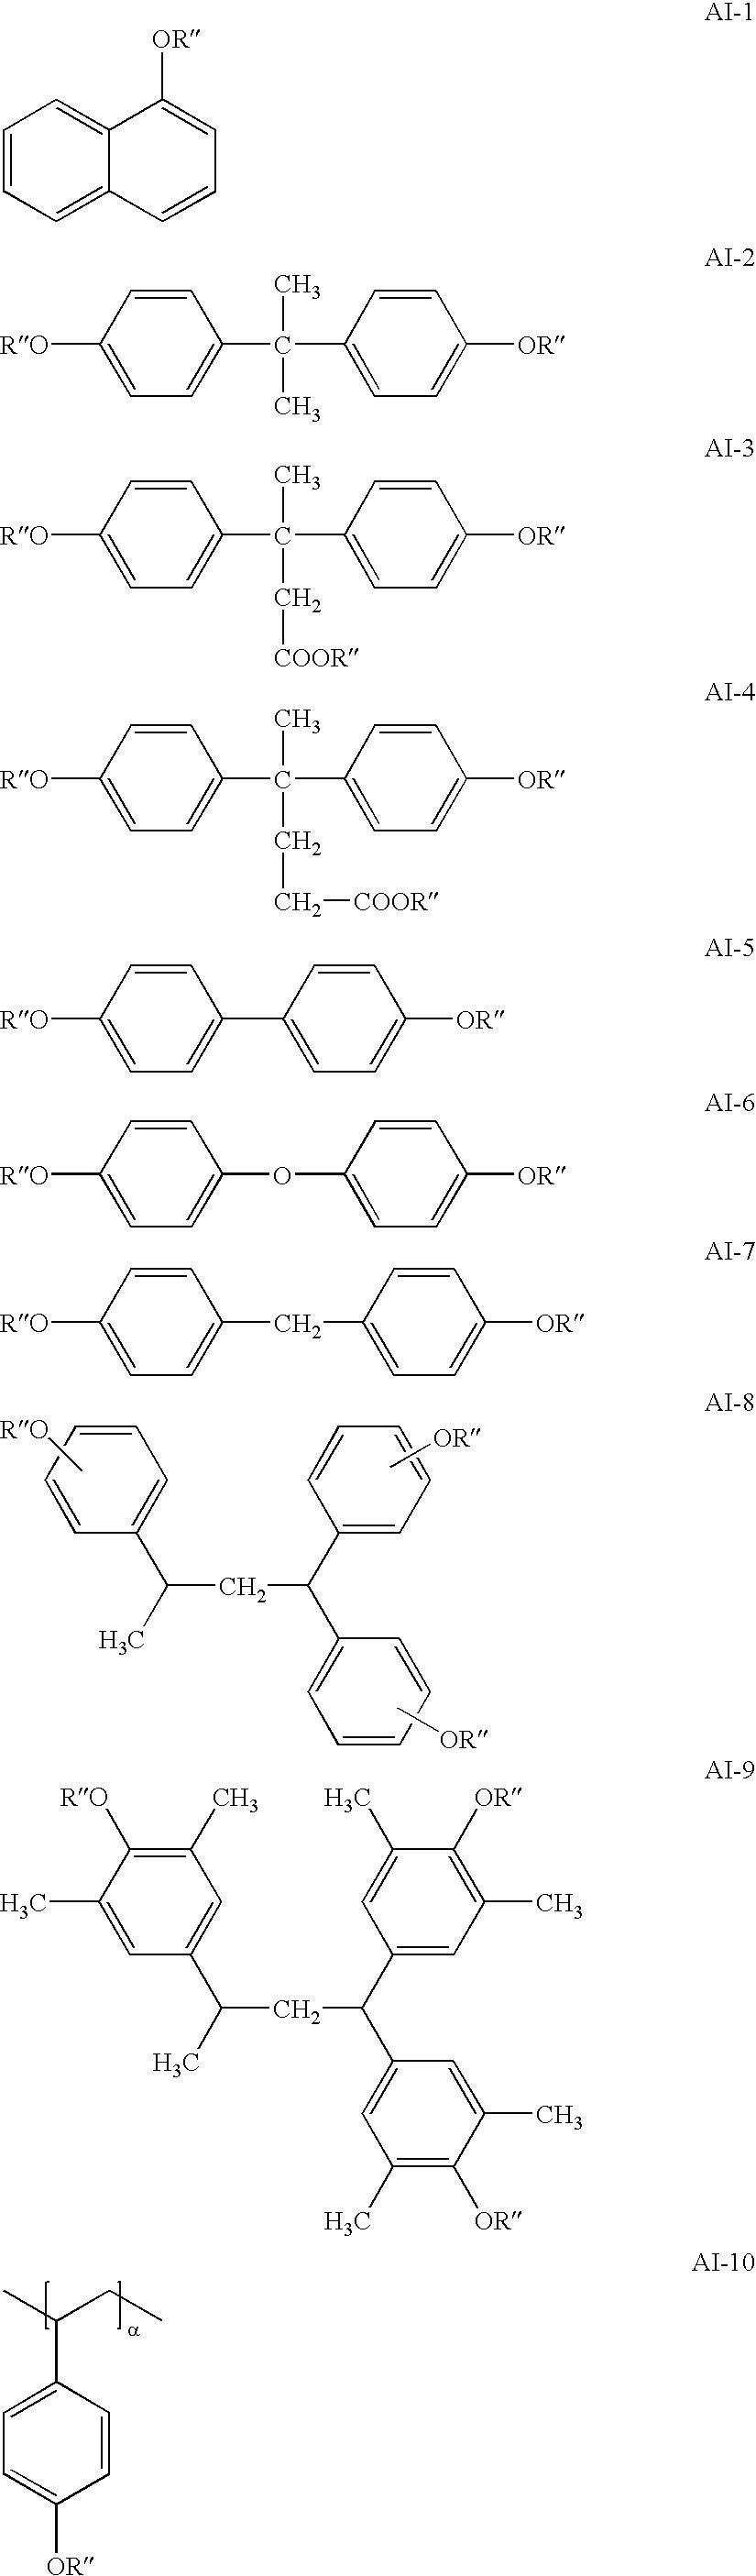 Figure US20030087181A1-20030508-C00031